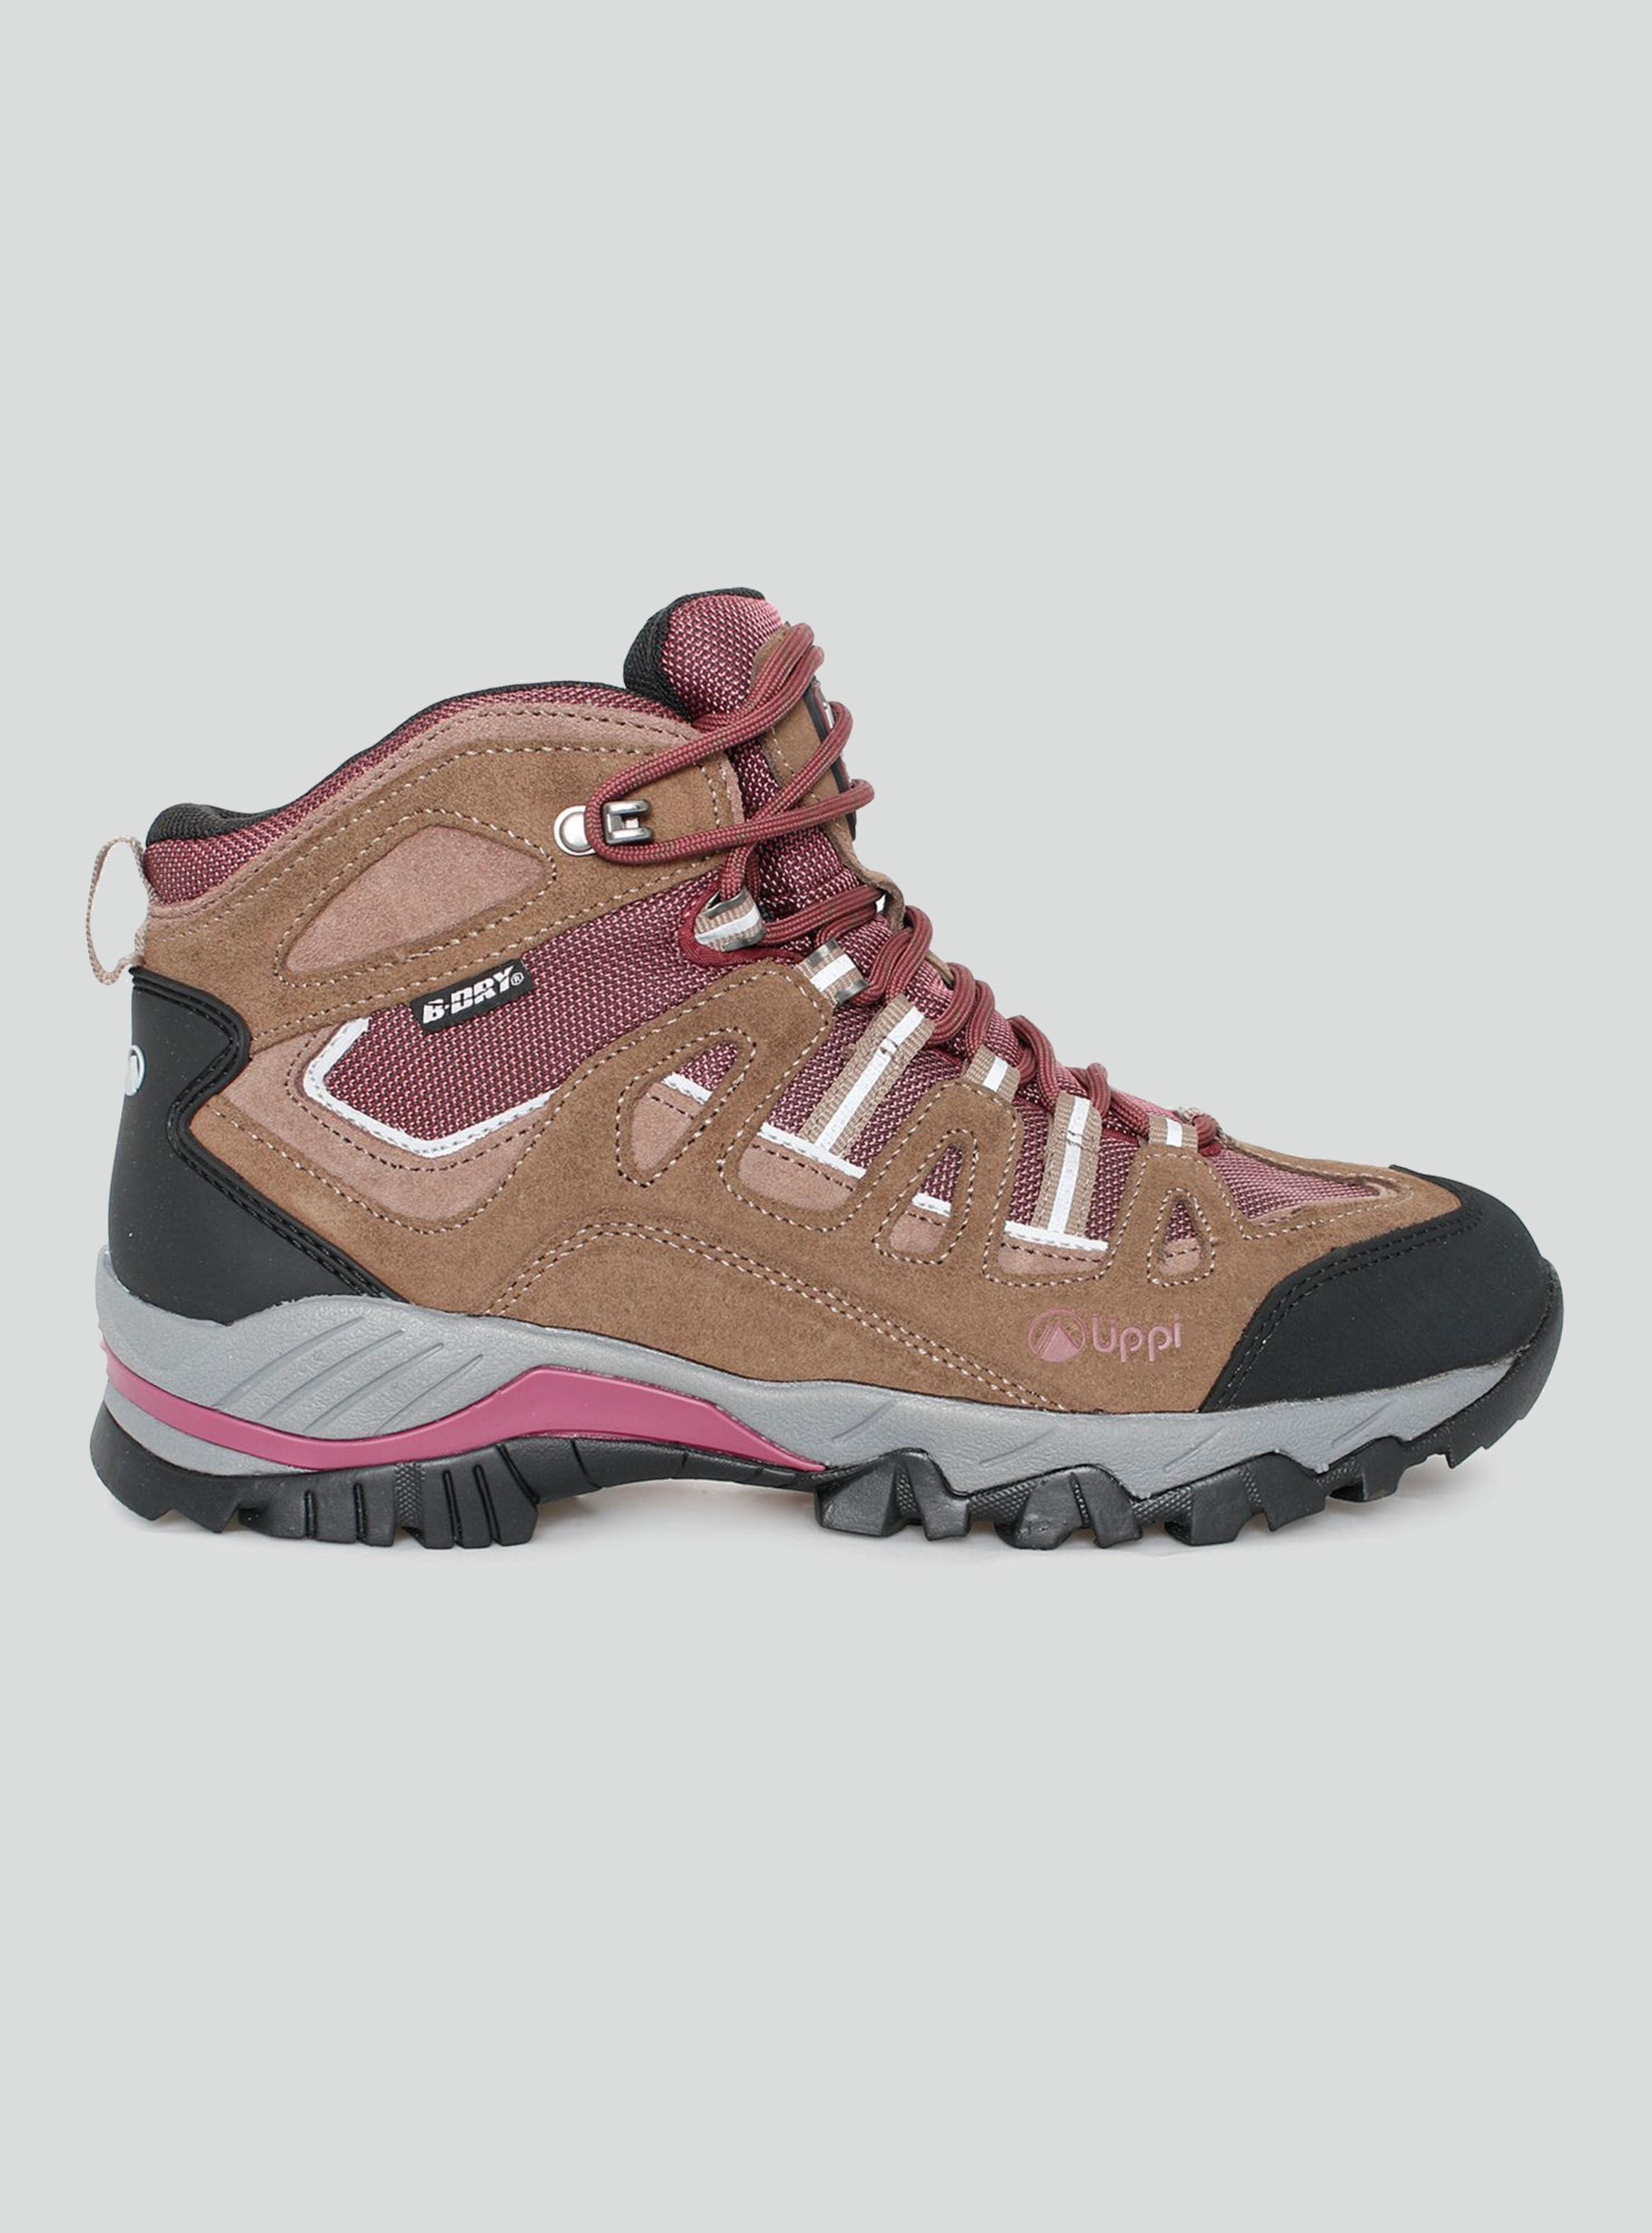 Modelos TerrenoParis Todo Outdoor Zapatos cl ZiuwPkXOTl